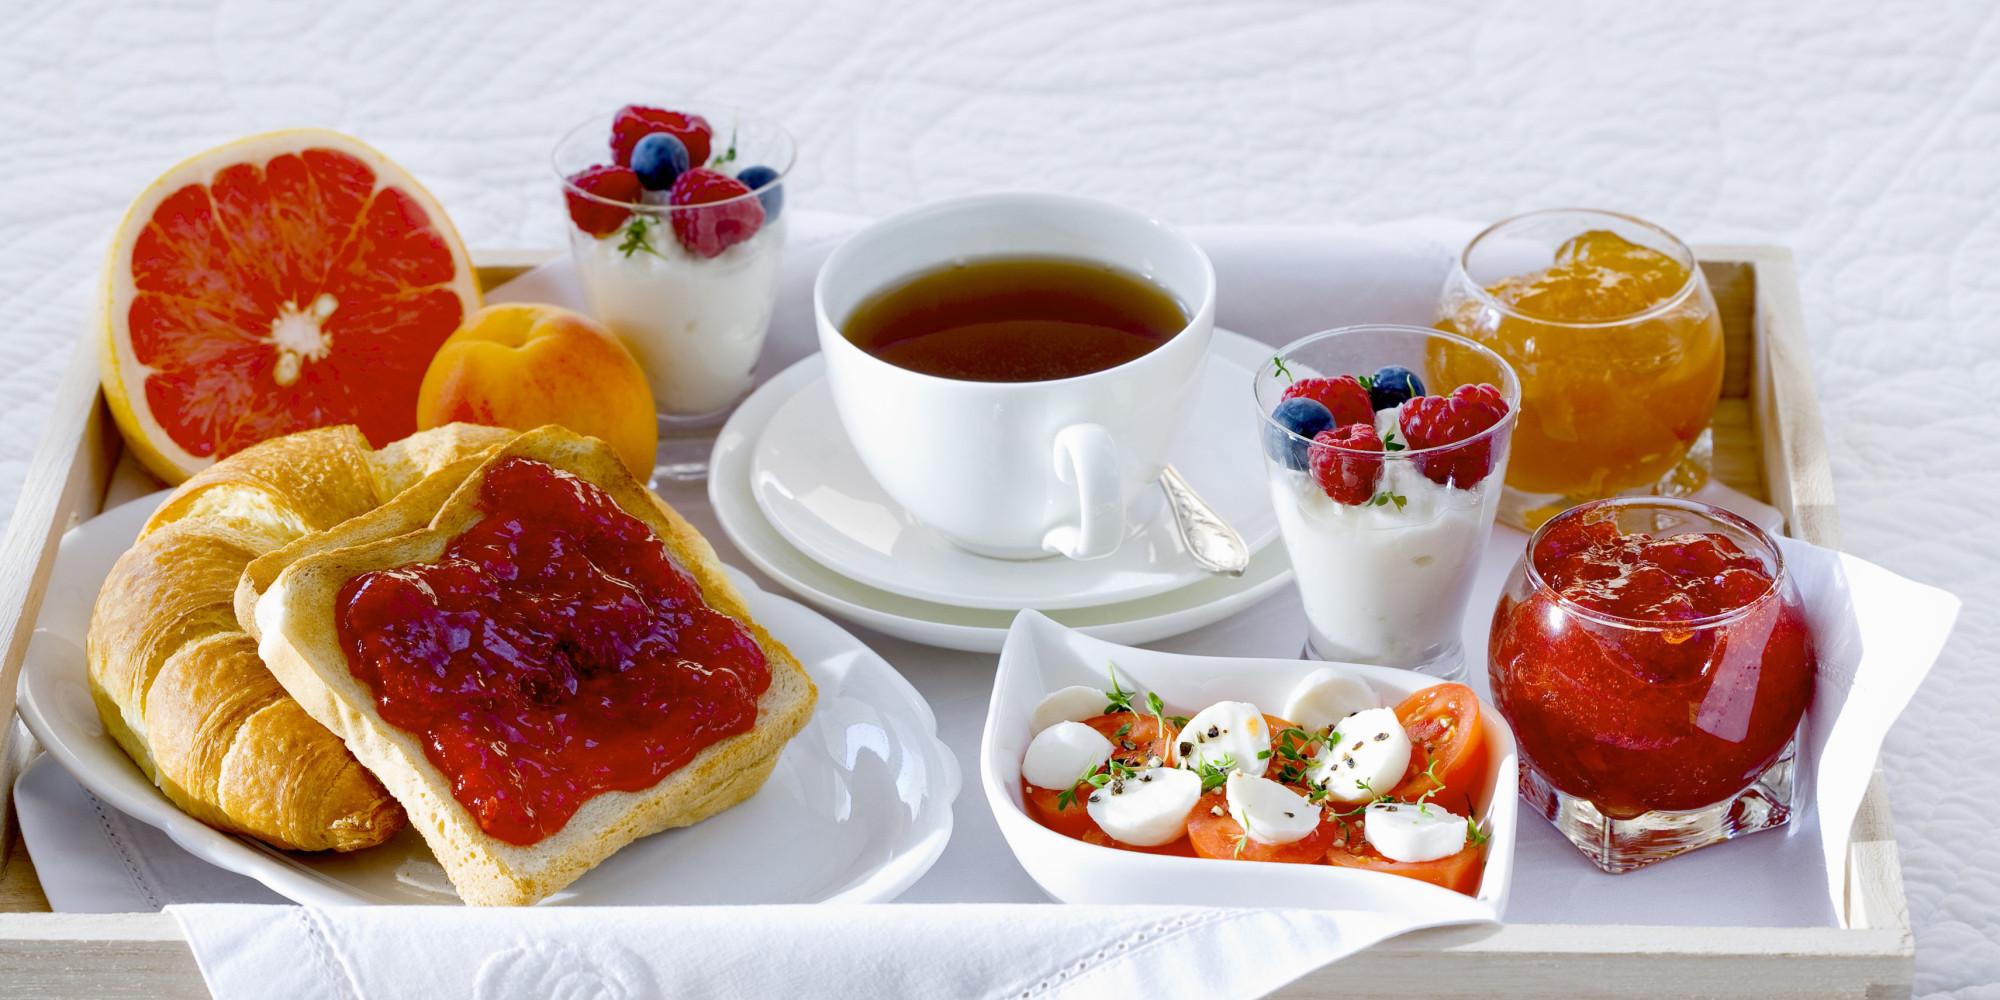 Favori ViviLight Parliamo di colazione: cosa e quanto mangiare? - ViviLight UE01